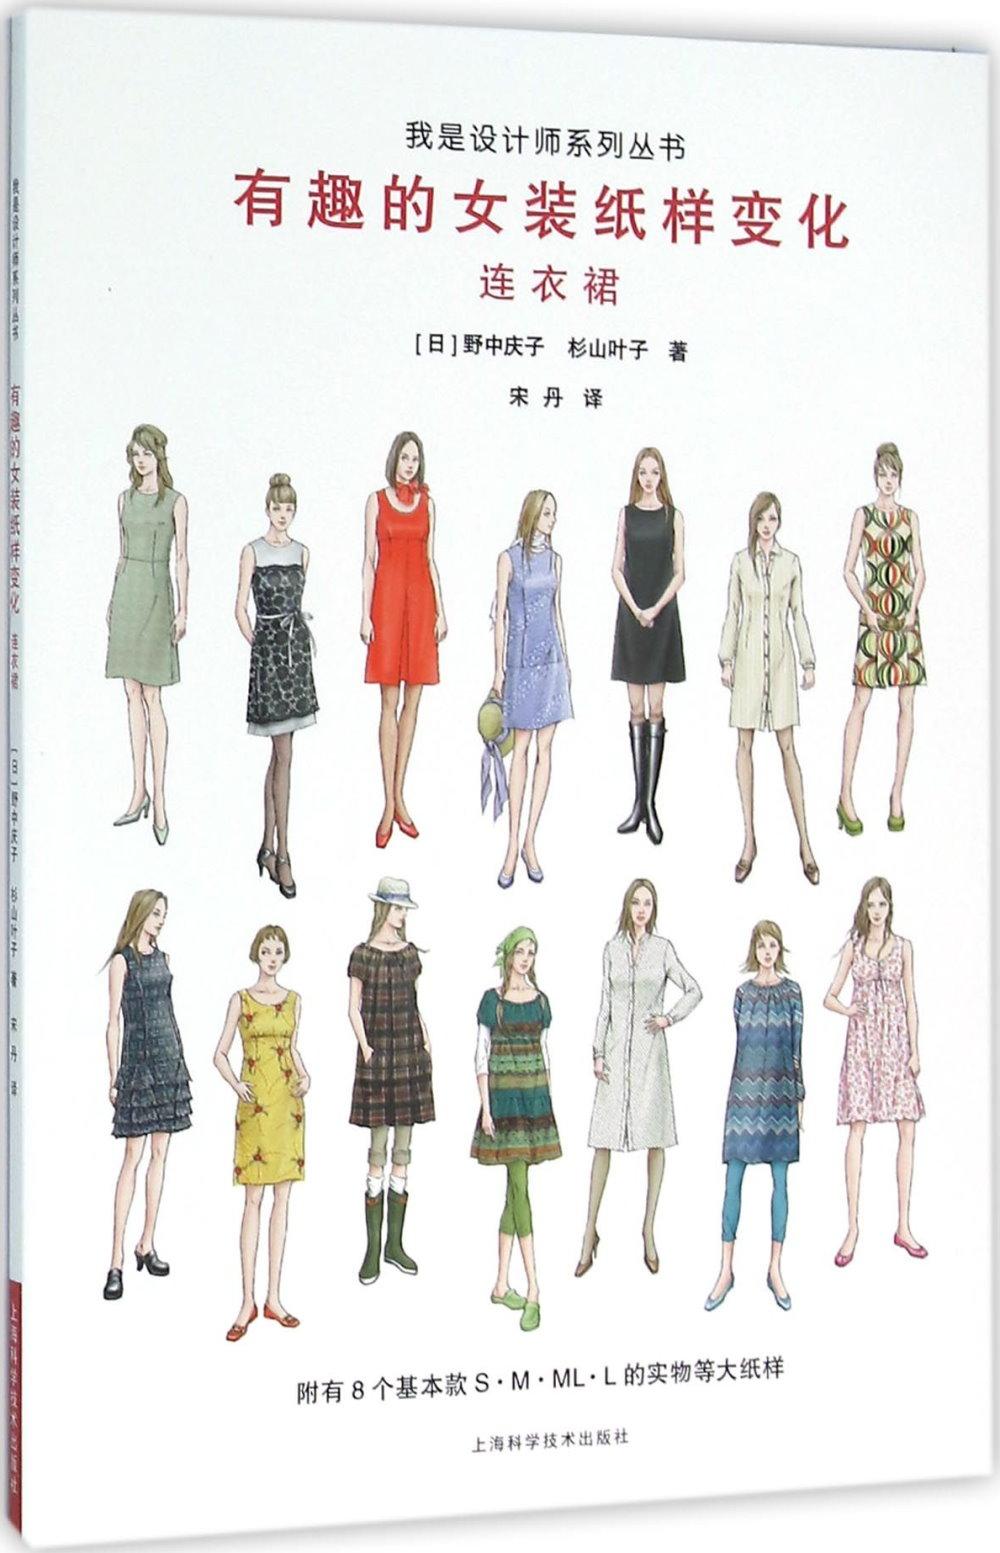 有趣的女裝紙樣變化:連衣裙